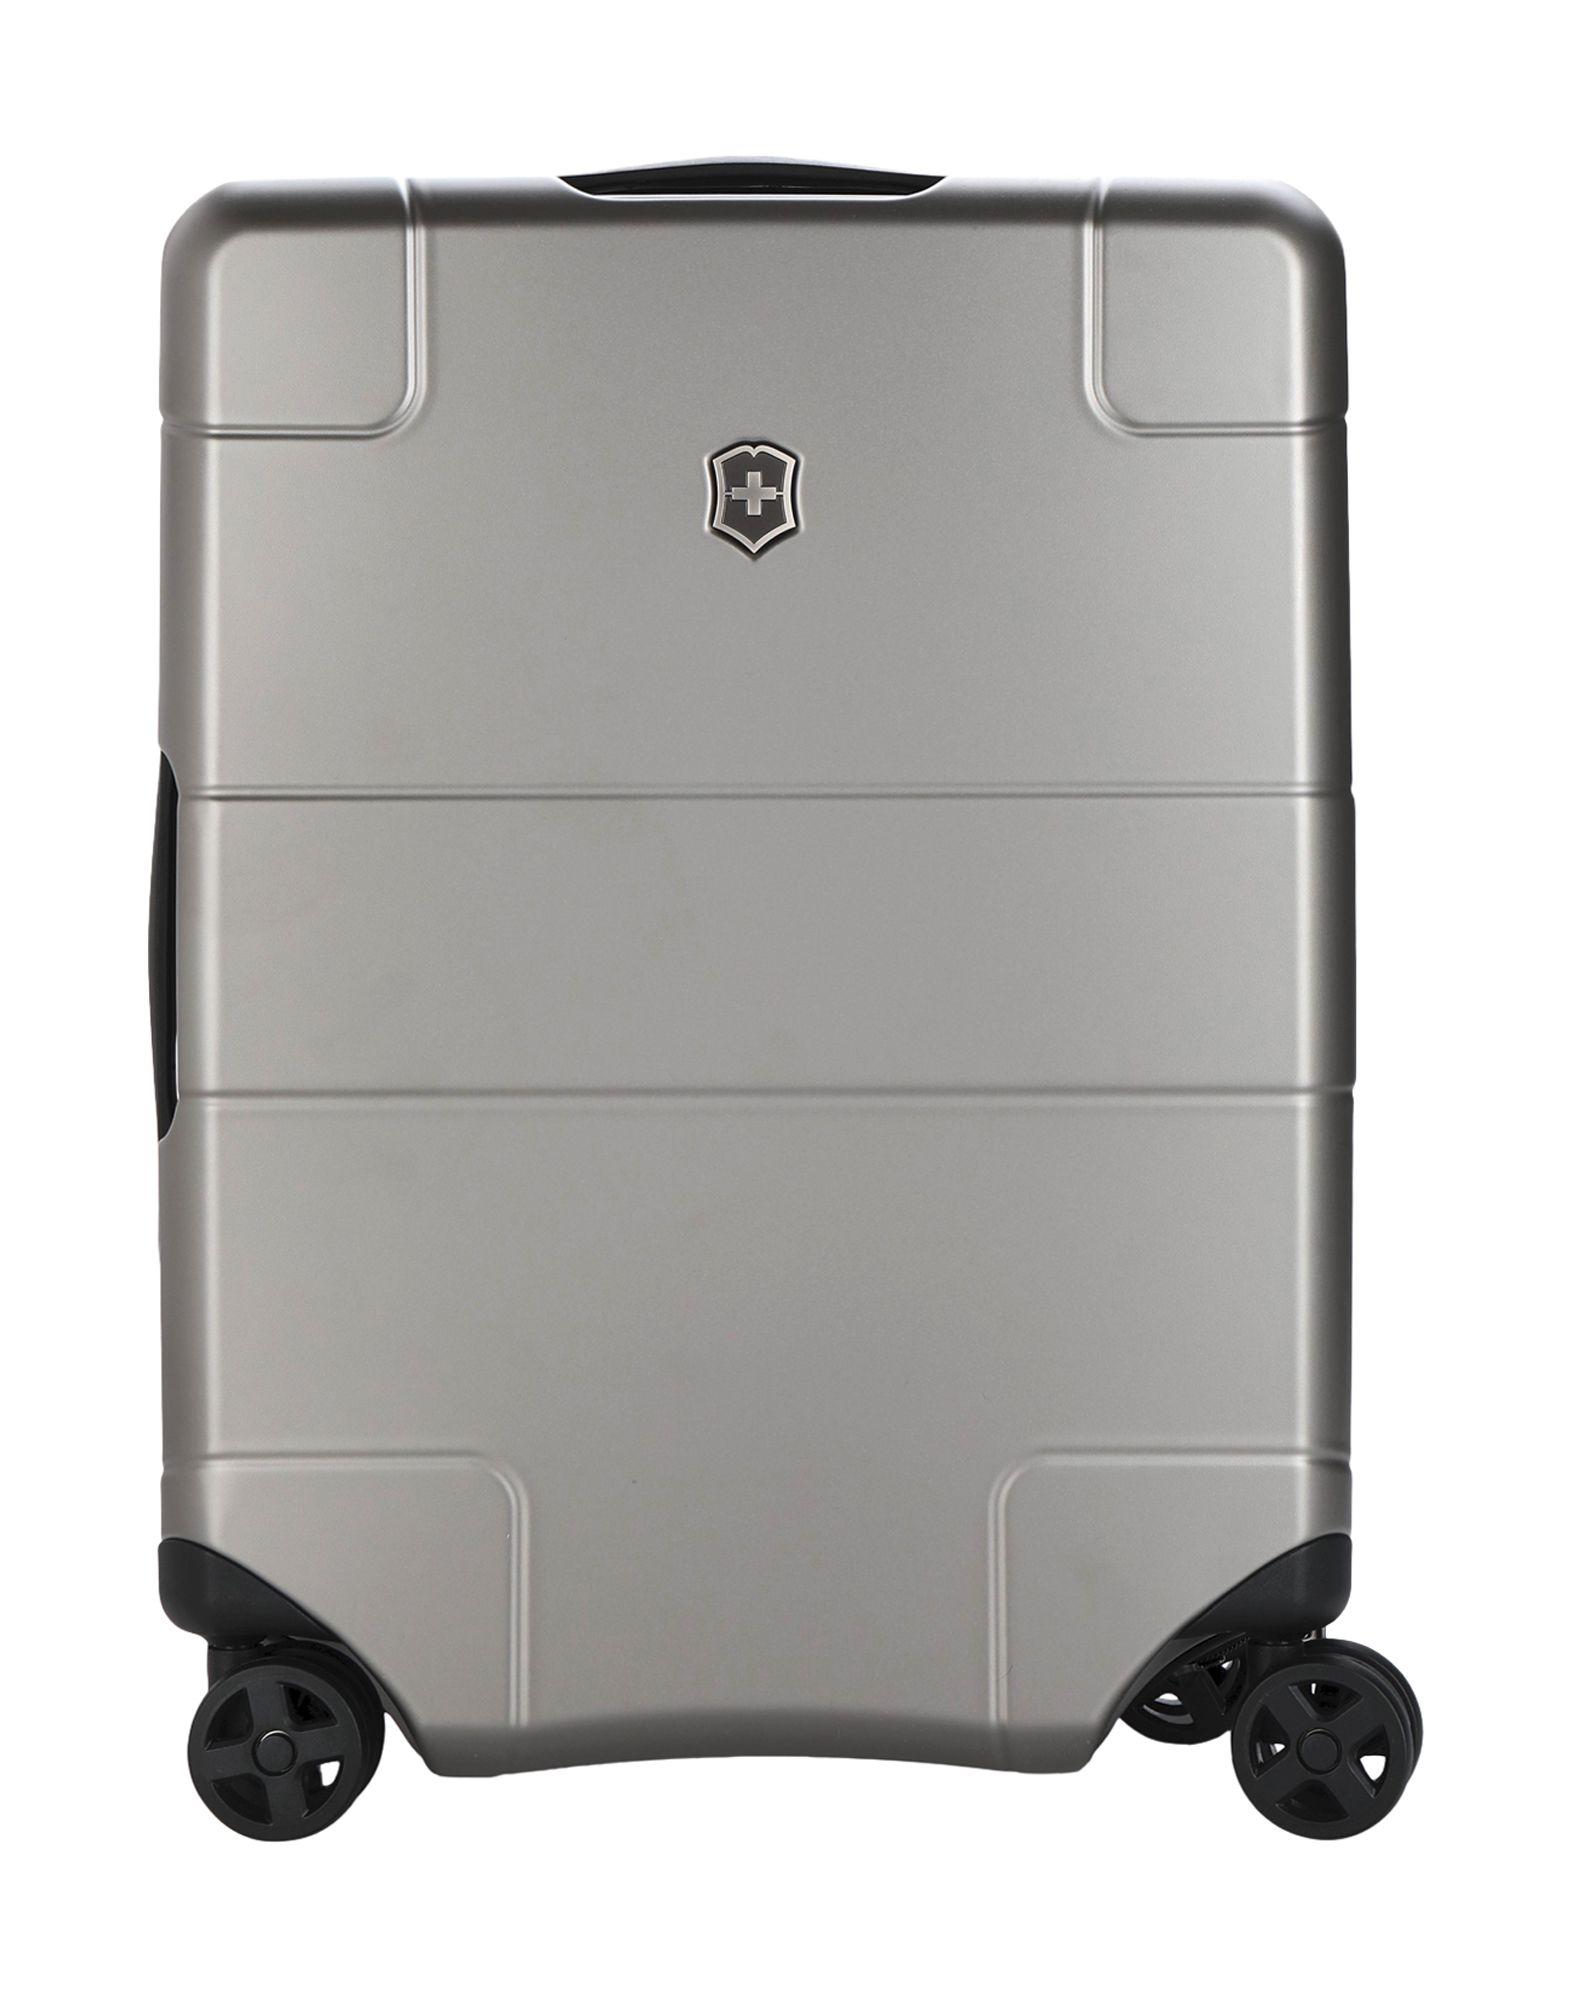 VICTORINOX Чемодан/сумка на колесиках стойка для одежды artmoon toronto двойная с боковыми выдвижными штангами на колесиках